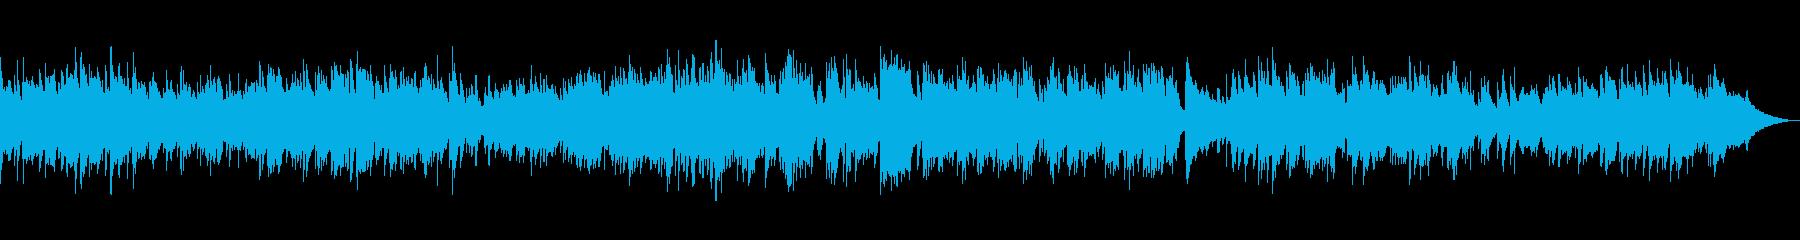 『広い河の岸辺』ピアノソロ演奏の再生済みの波形